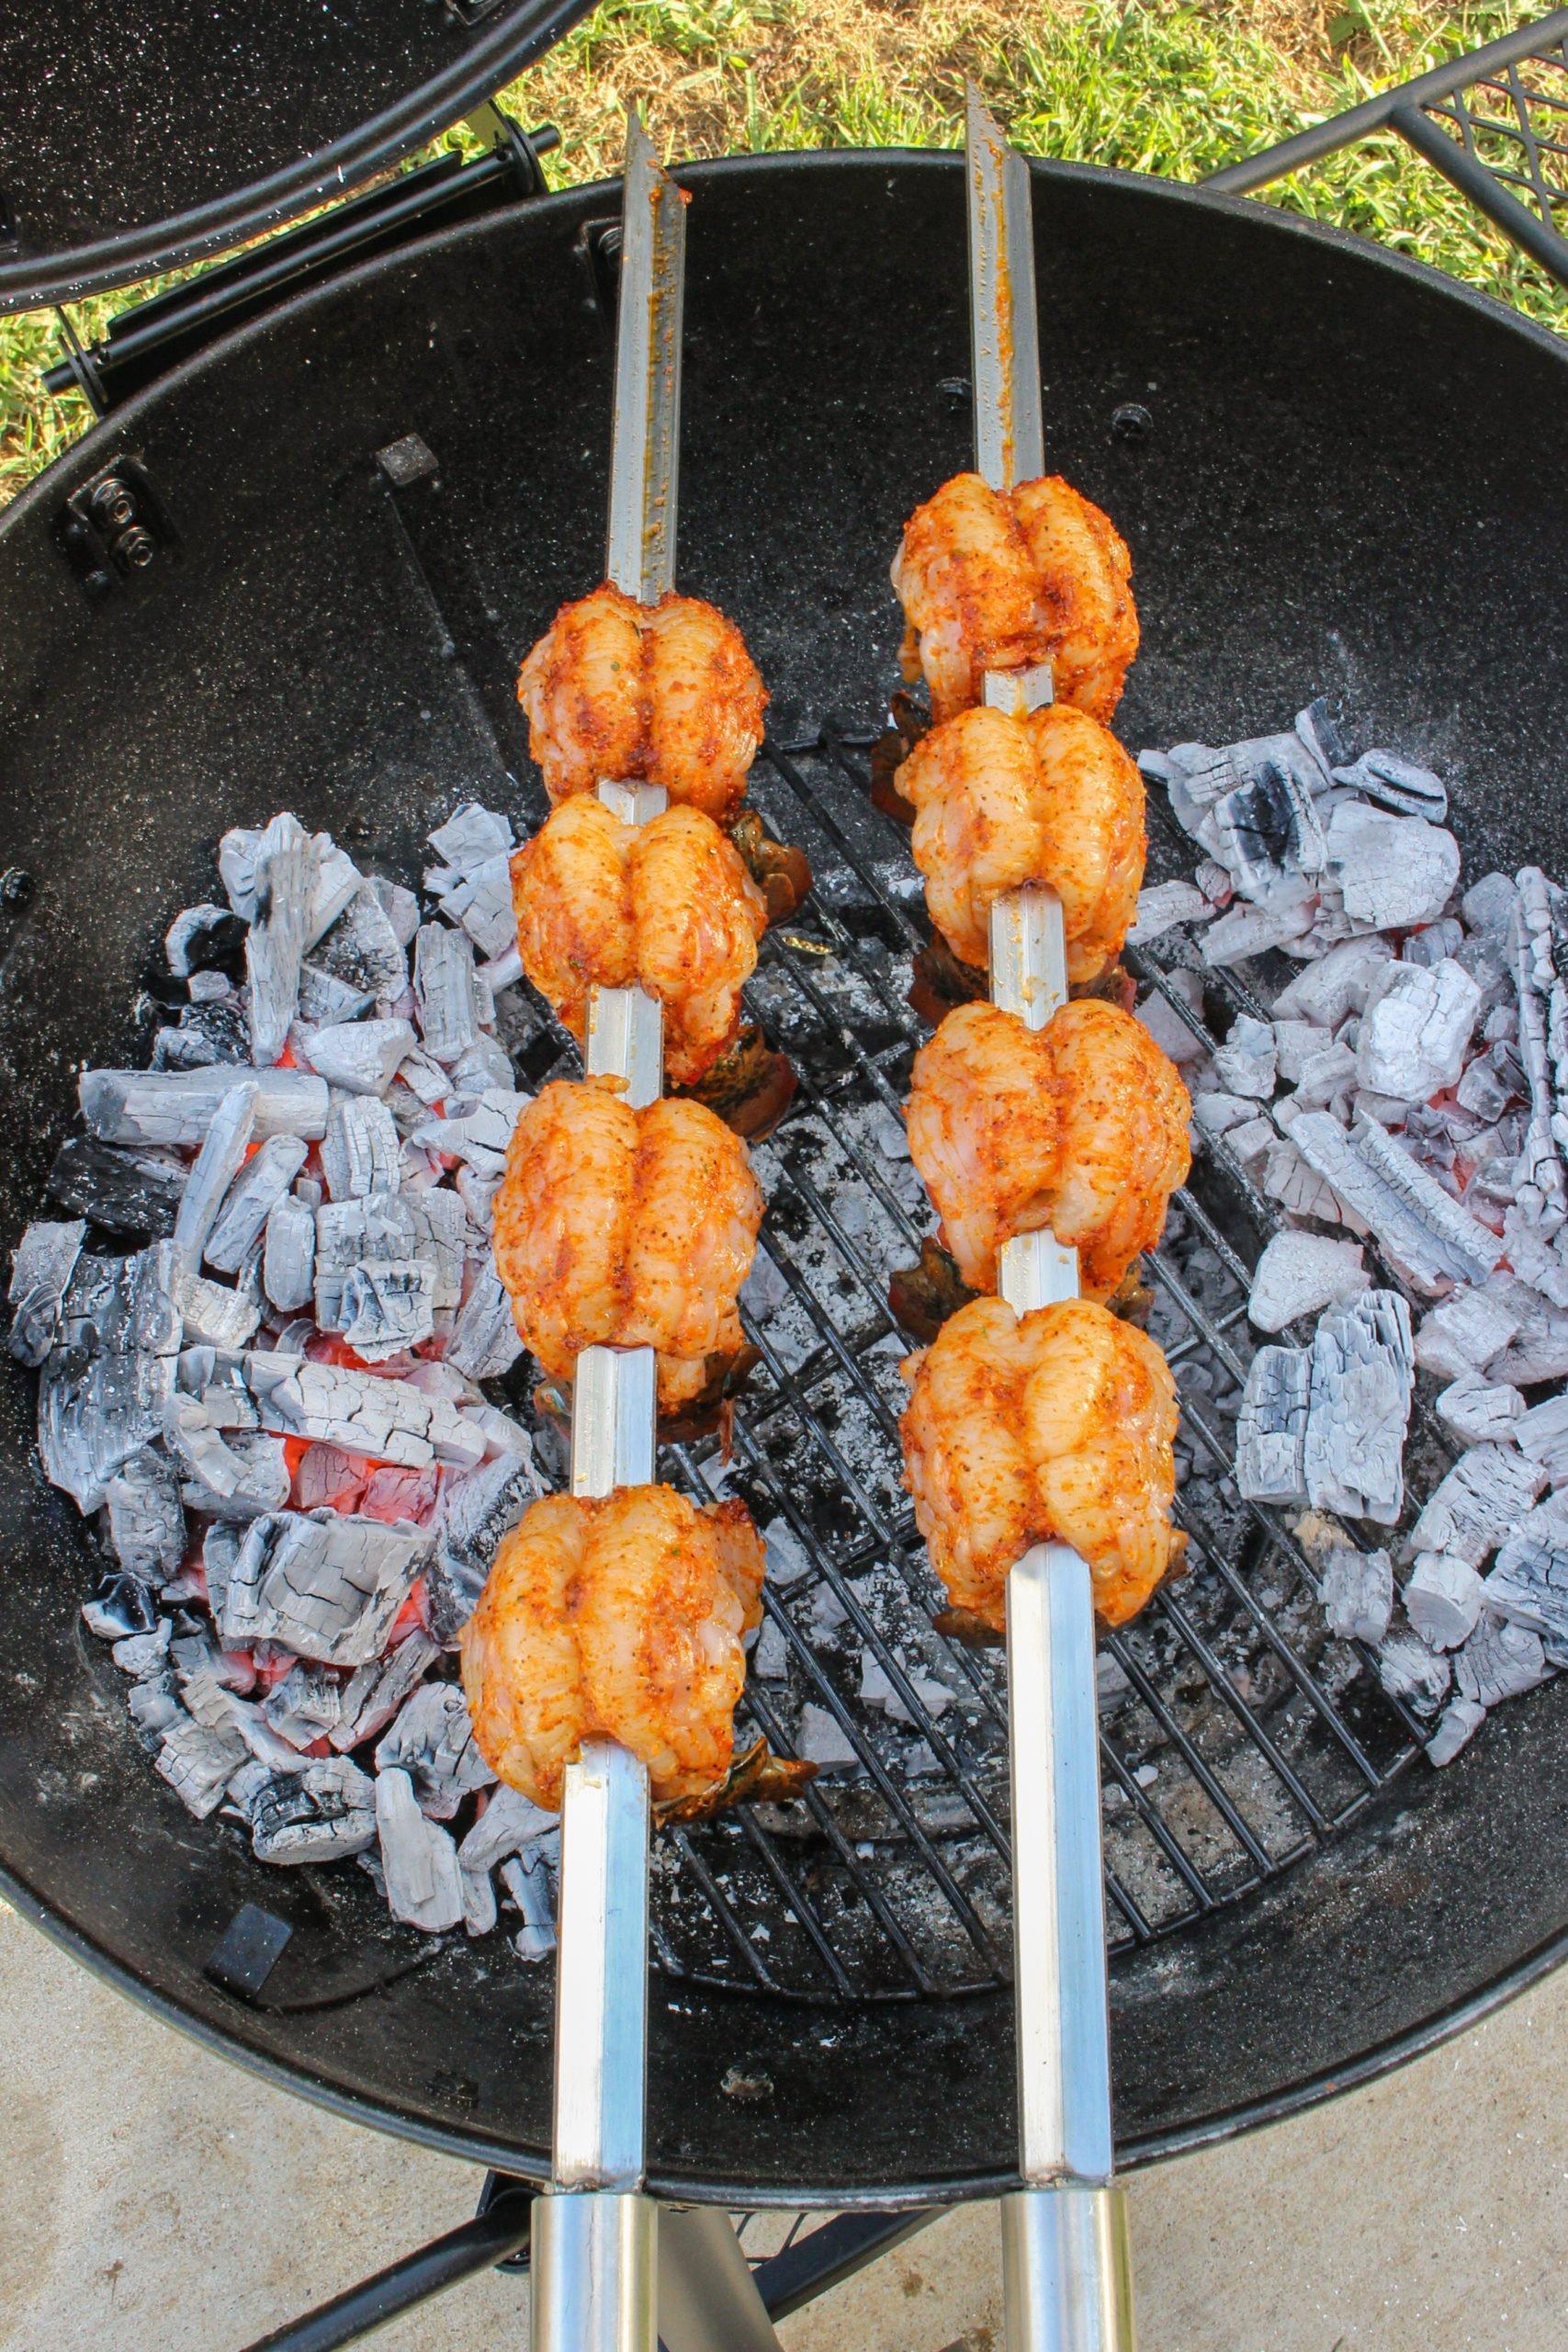 Grilled Lobster Tail Skewers